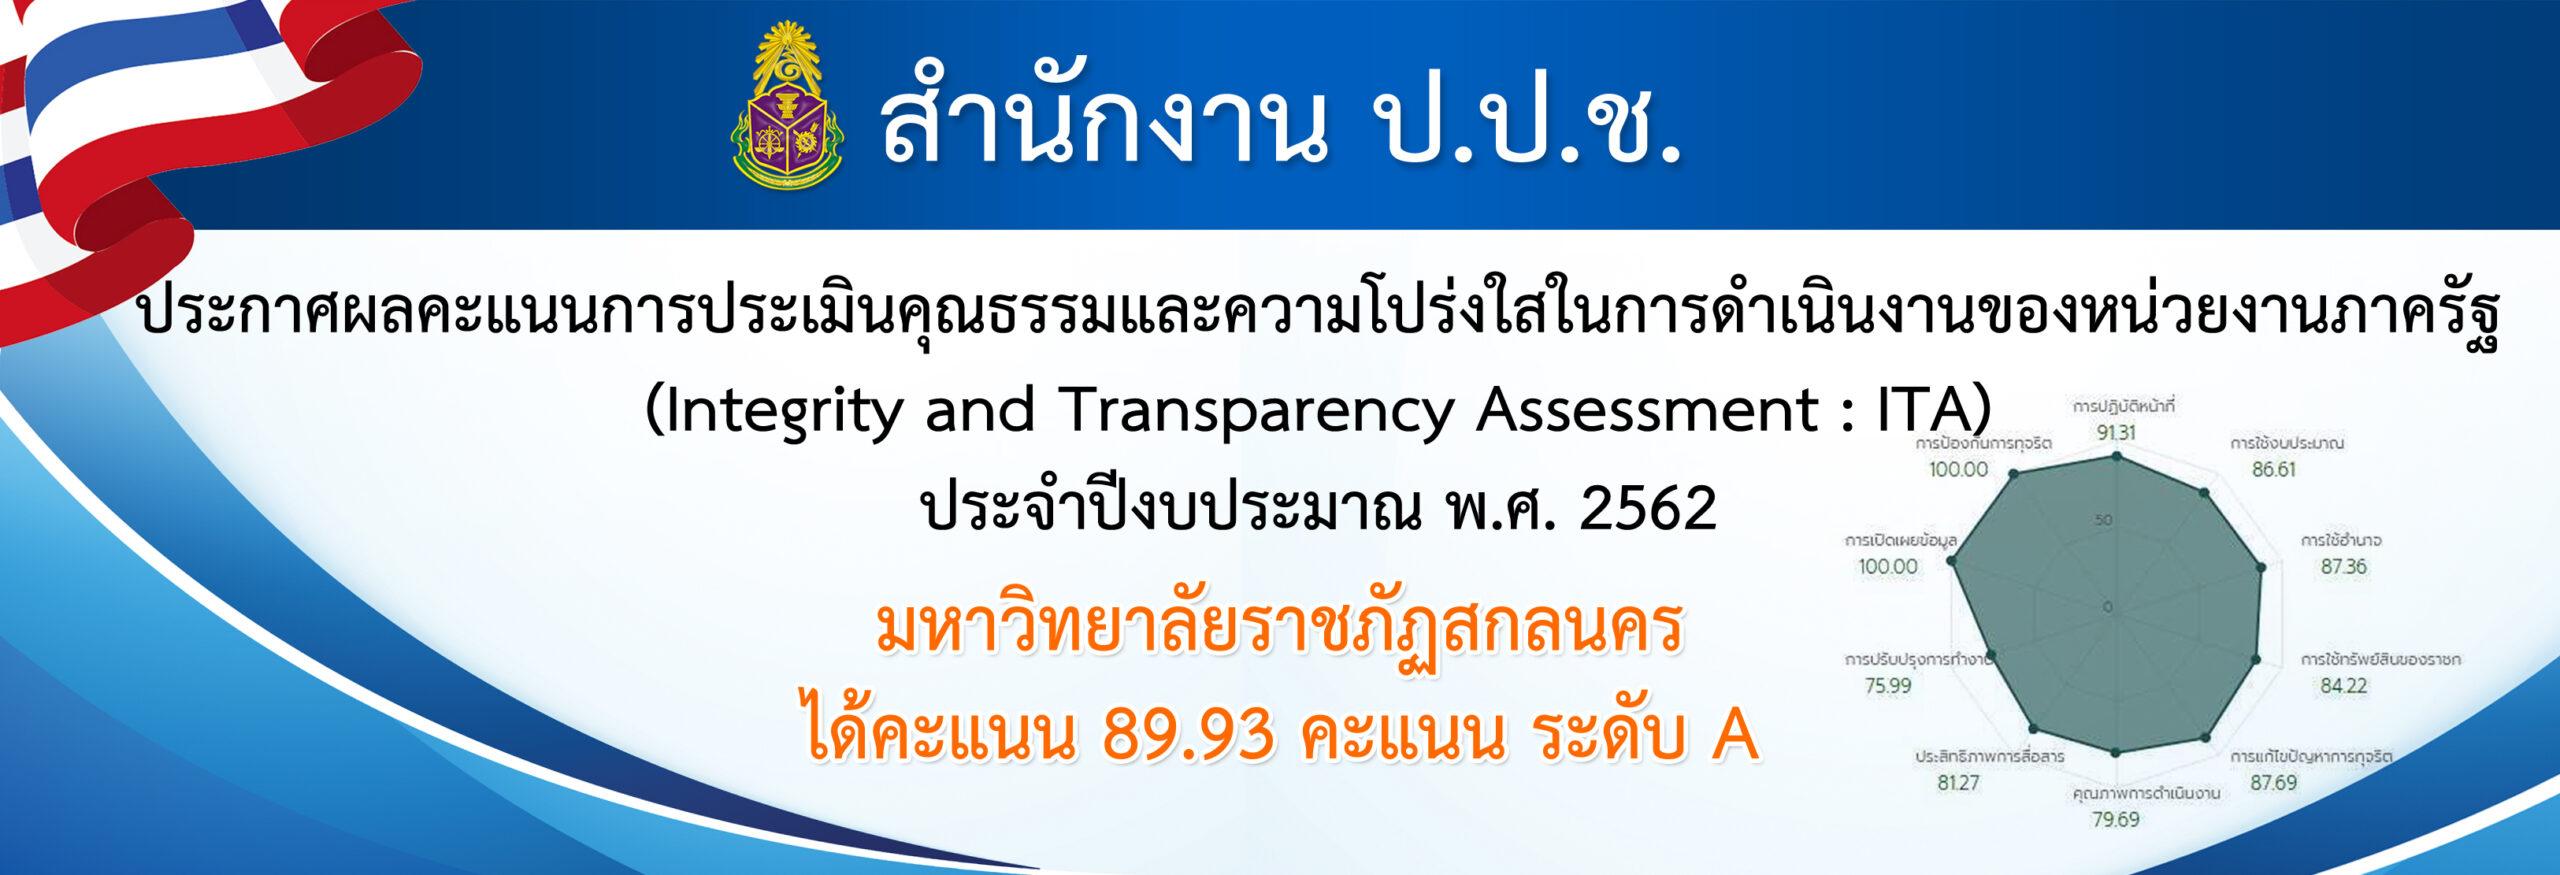 ประกาศผลคะแนนการประเมินคุณธรรมและความโปร่งใสในการดำเนินงานของหน่วยงานภาครัฐ ประจำปีงบประมาณ พ.ศ. 2562